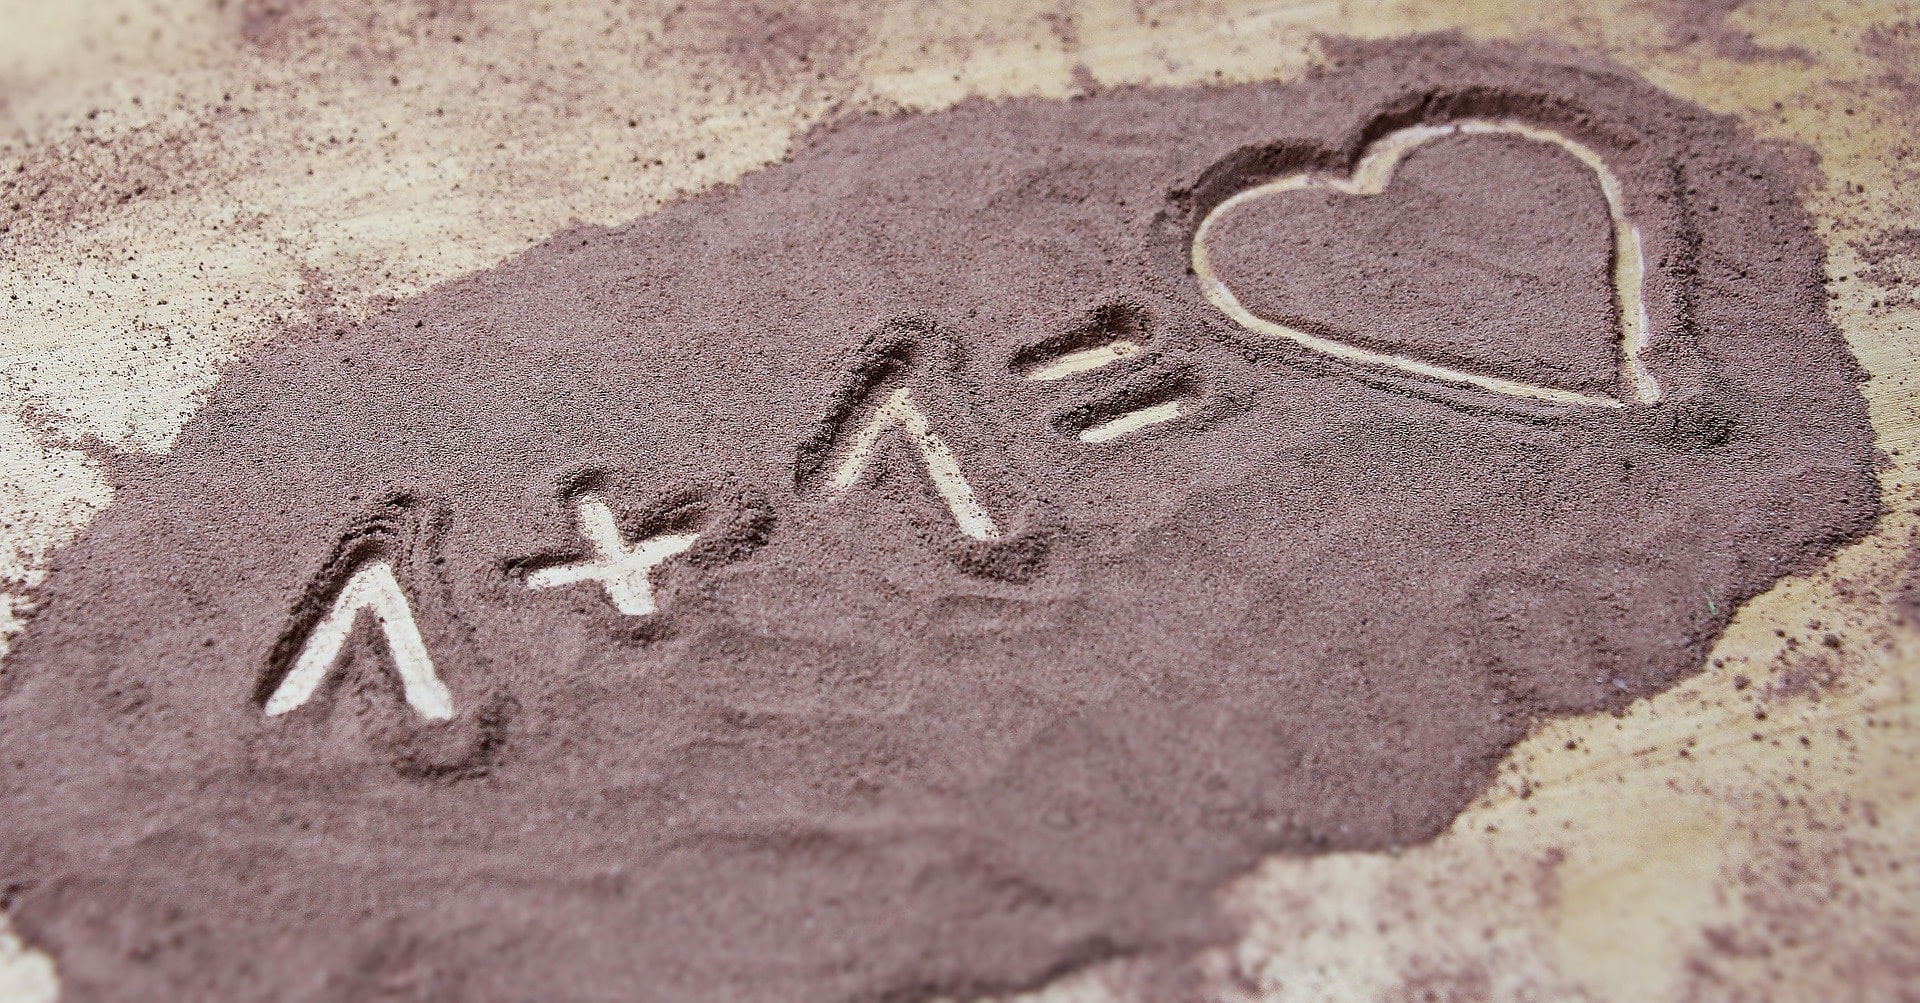 76f0356862213 Idéalement c est le meilleur moment pour demander à une voyante une voyance  en amour gratuite.